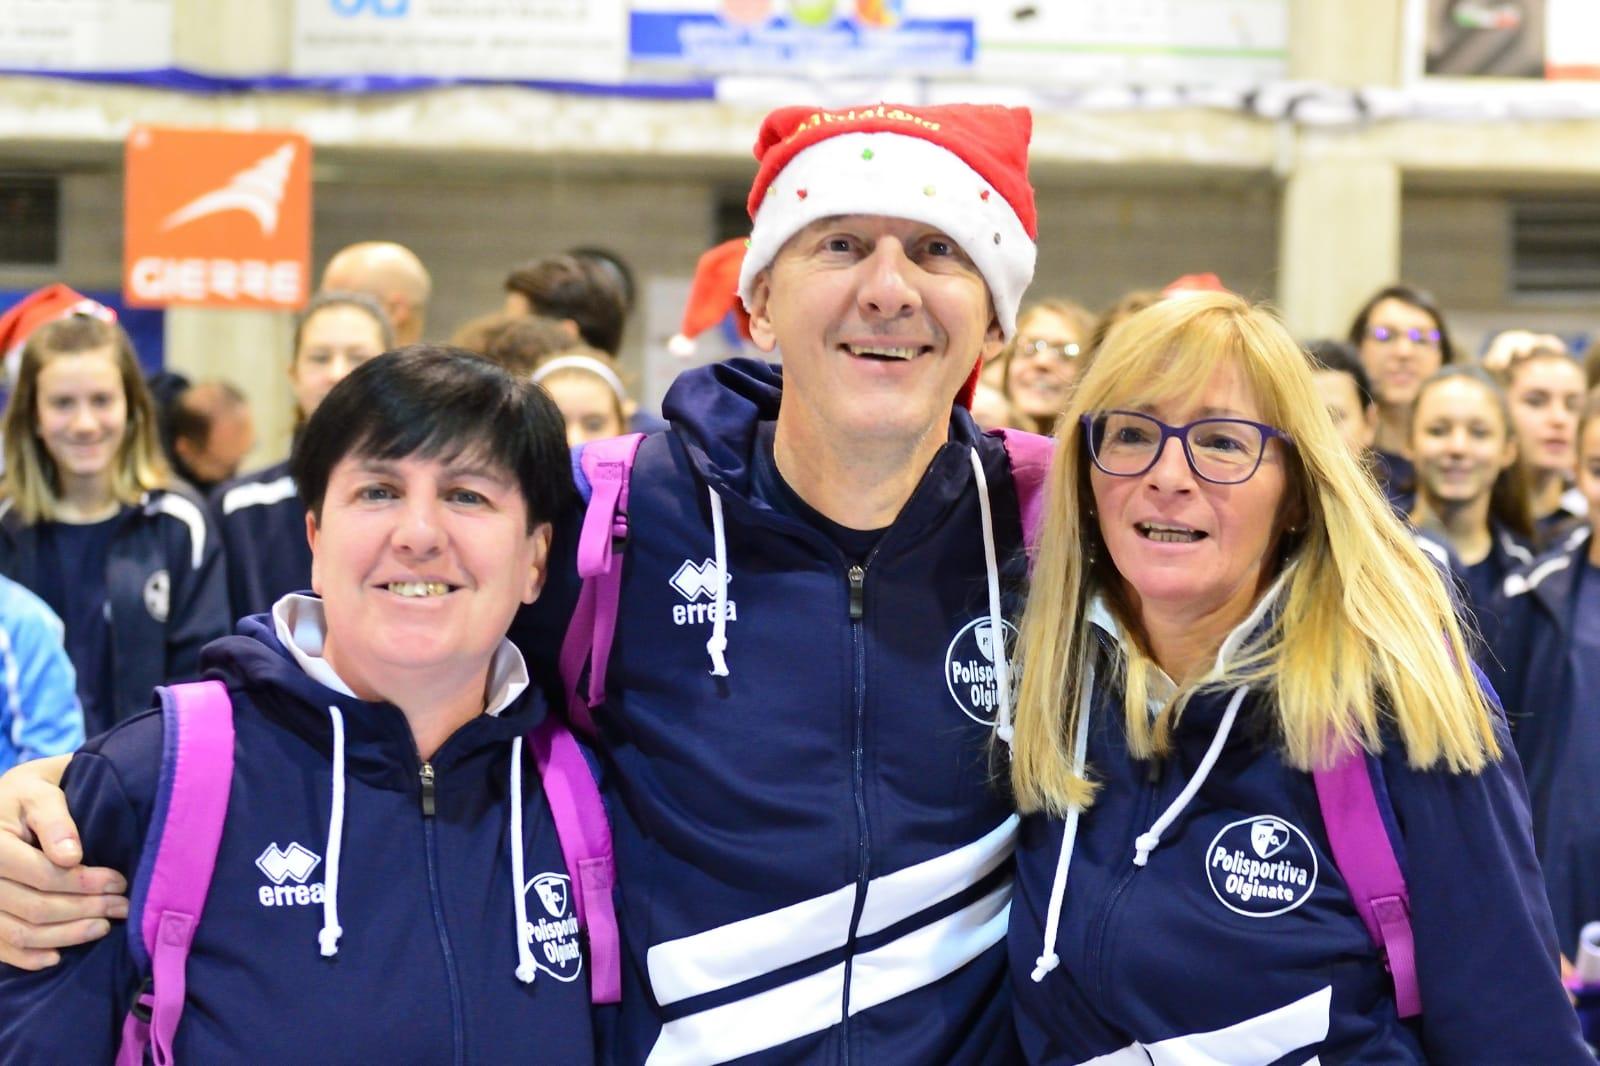 Olginate volley Festa Natale 2018 (2)